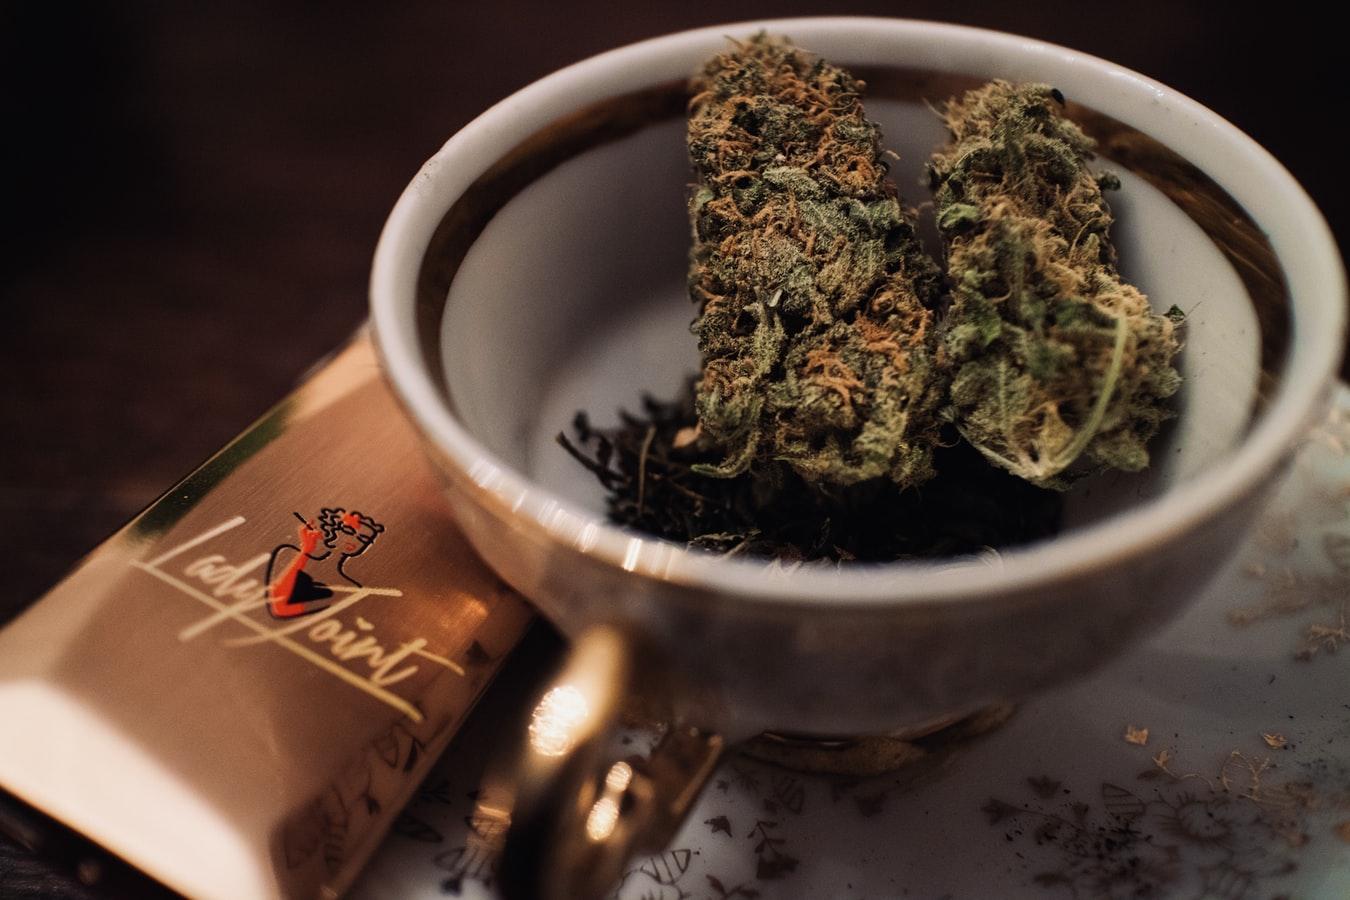 Bob Marley's Son Looking to Establish Marijuana Busines